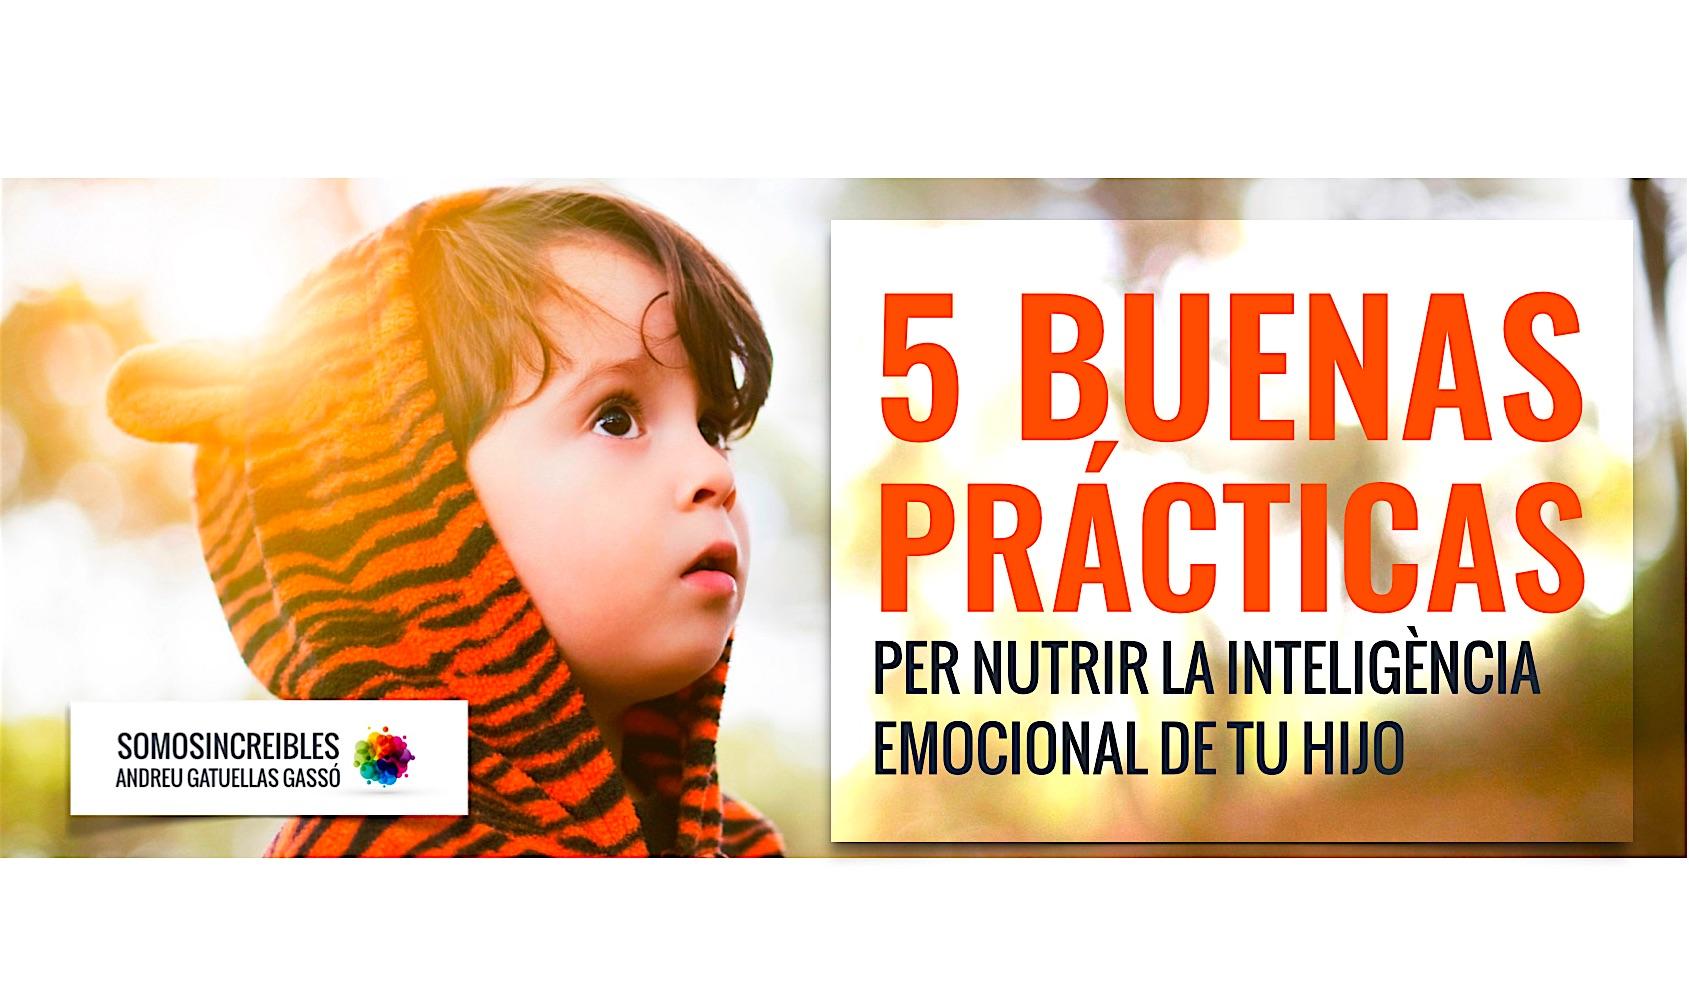 5 BUENAS PRACTICAS